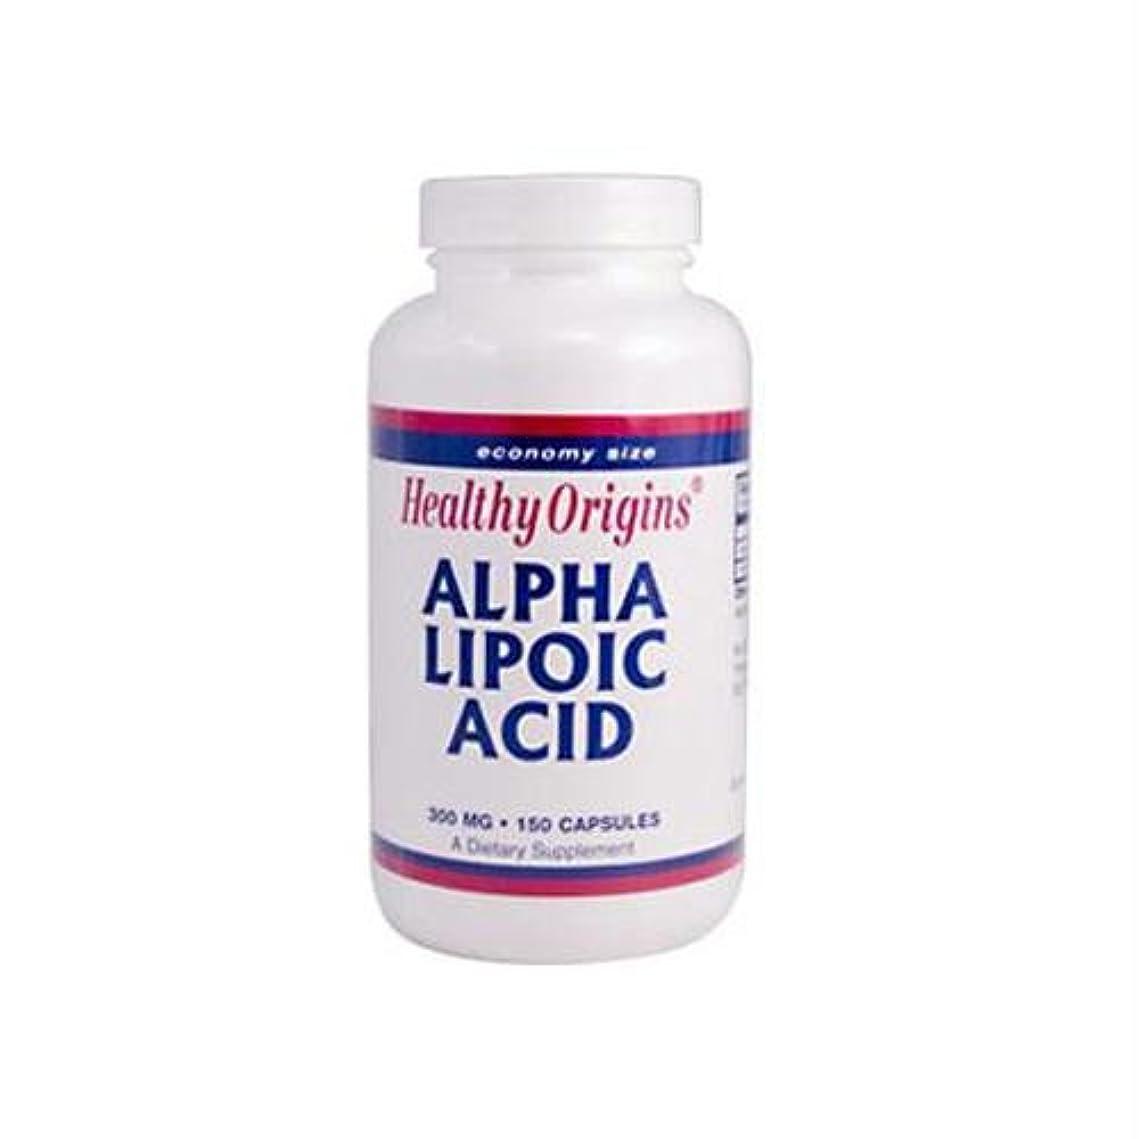 かご腐敗キャメルHealthy Origins / ヘルシーオリジン / Healthy Origins Alpha Lipoic Acid - 300 Mg - 150 Caps